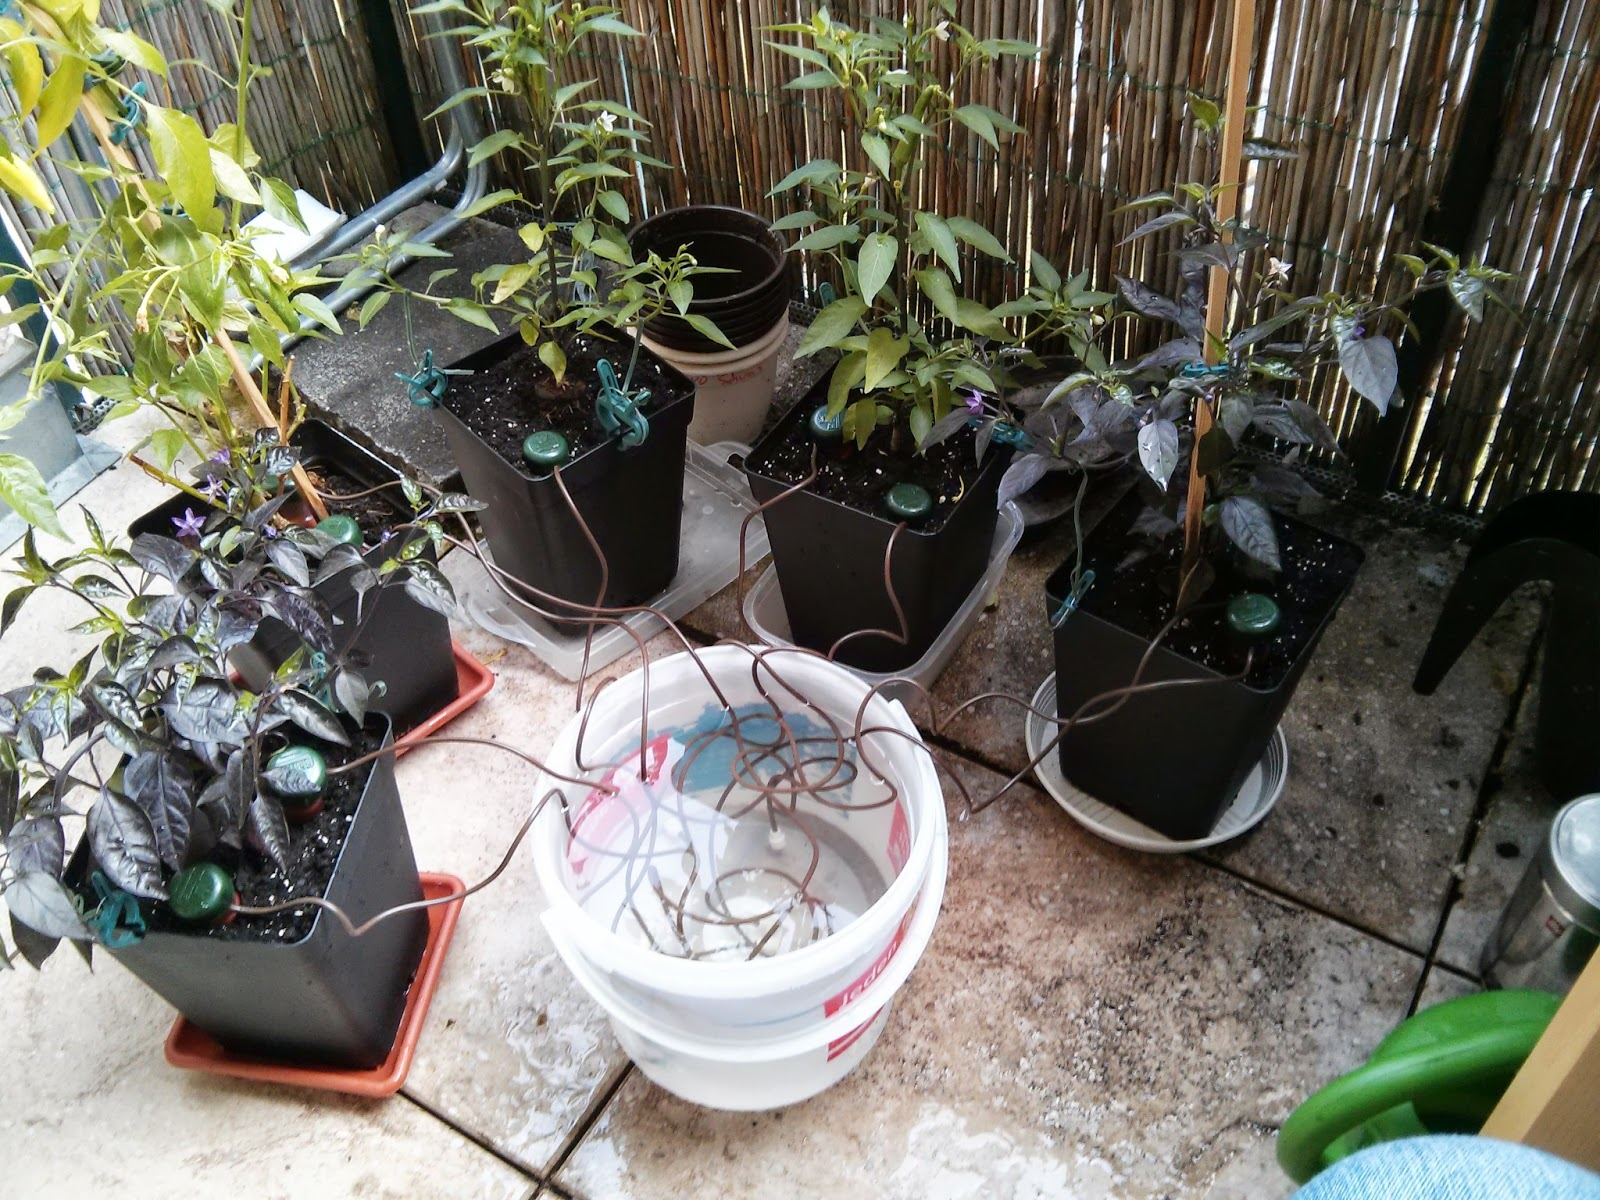 chili farmer: chili pflanzen automatisch bewässern